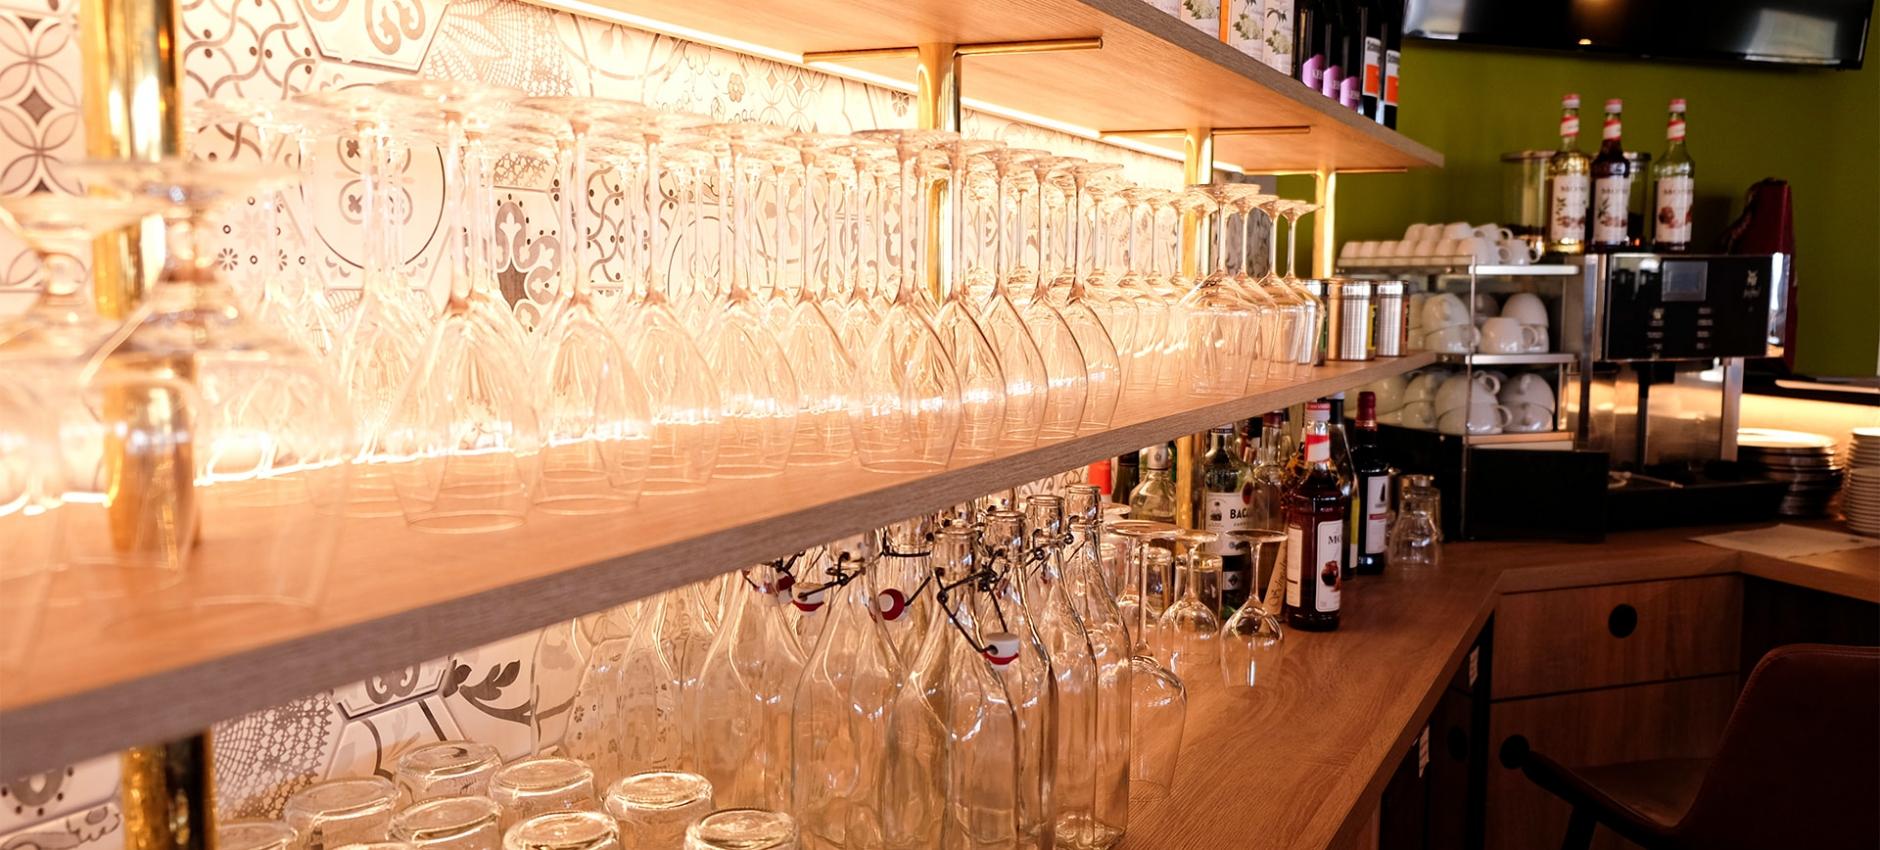 referenzen_boeblingen-restaurant_01.jpg